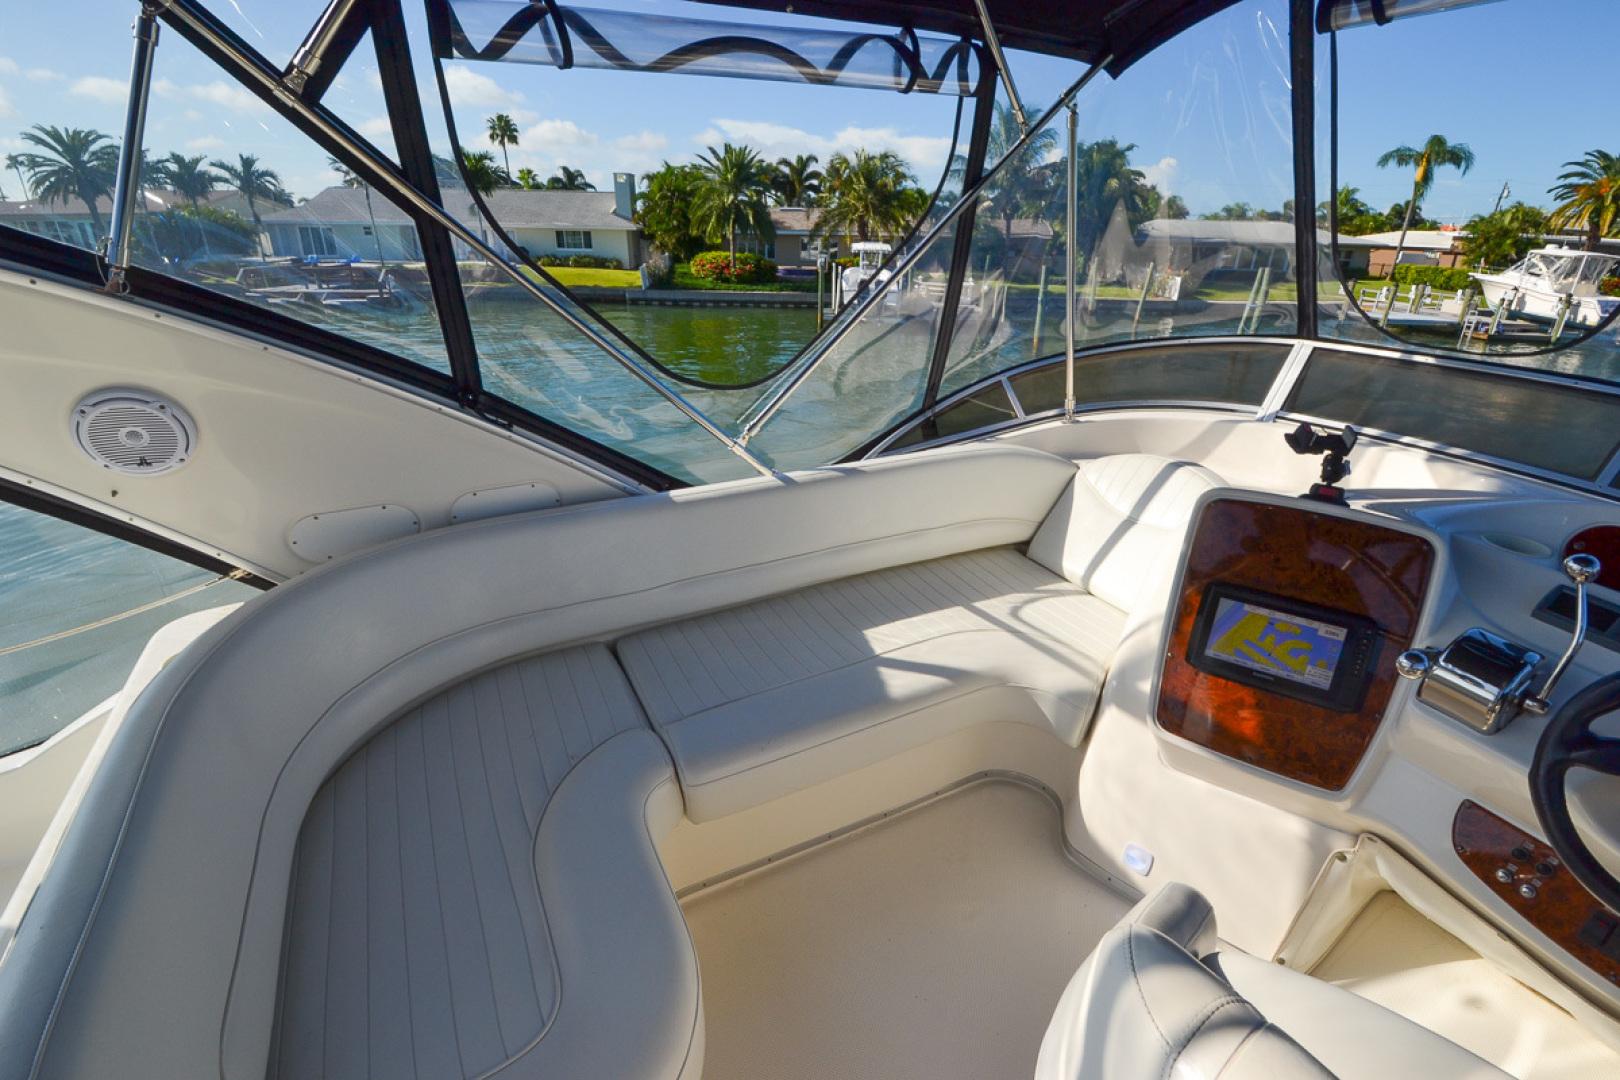 Meridian-341 Sedan 2004-Sea Harmony Belleair Beach-Florida-United States-1496631 | Thumbnail